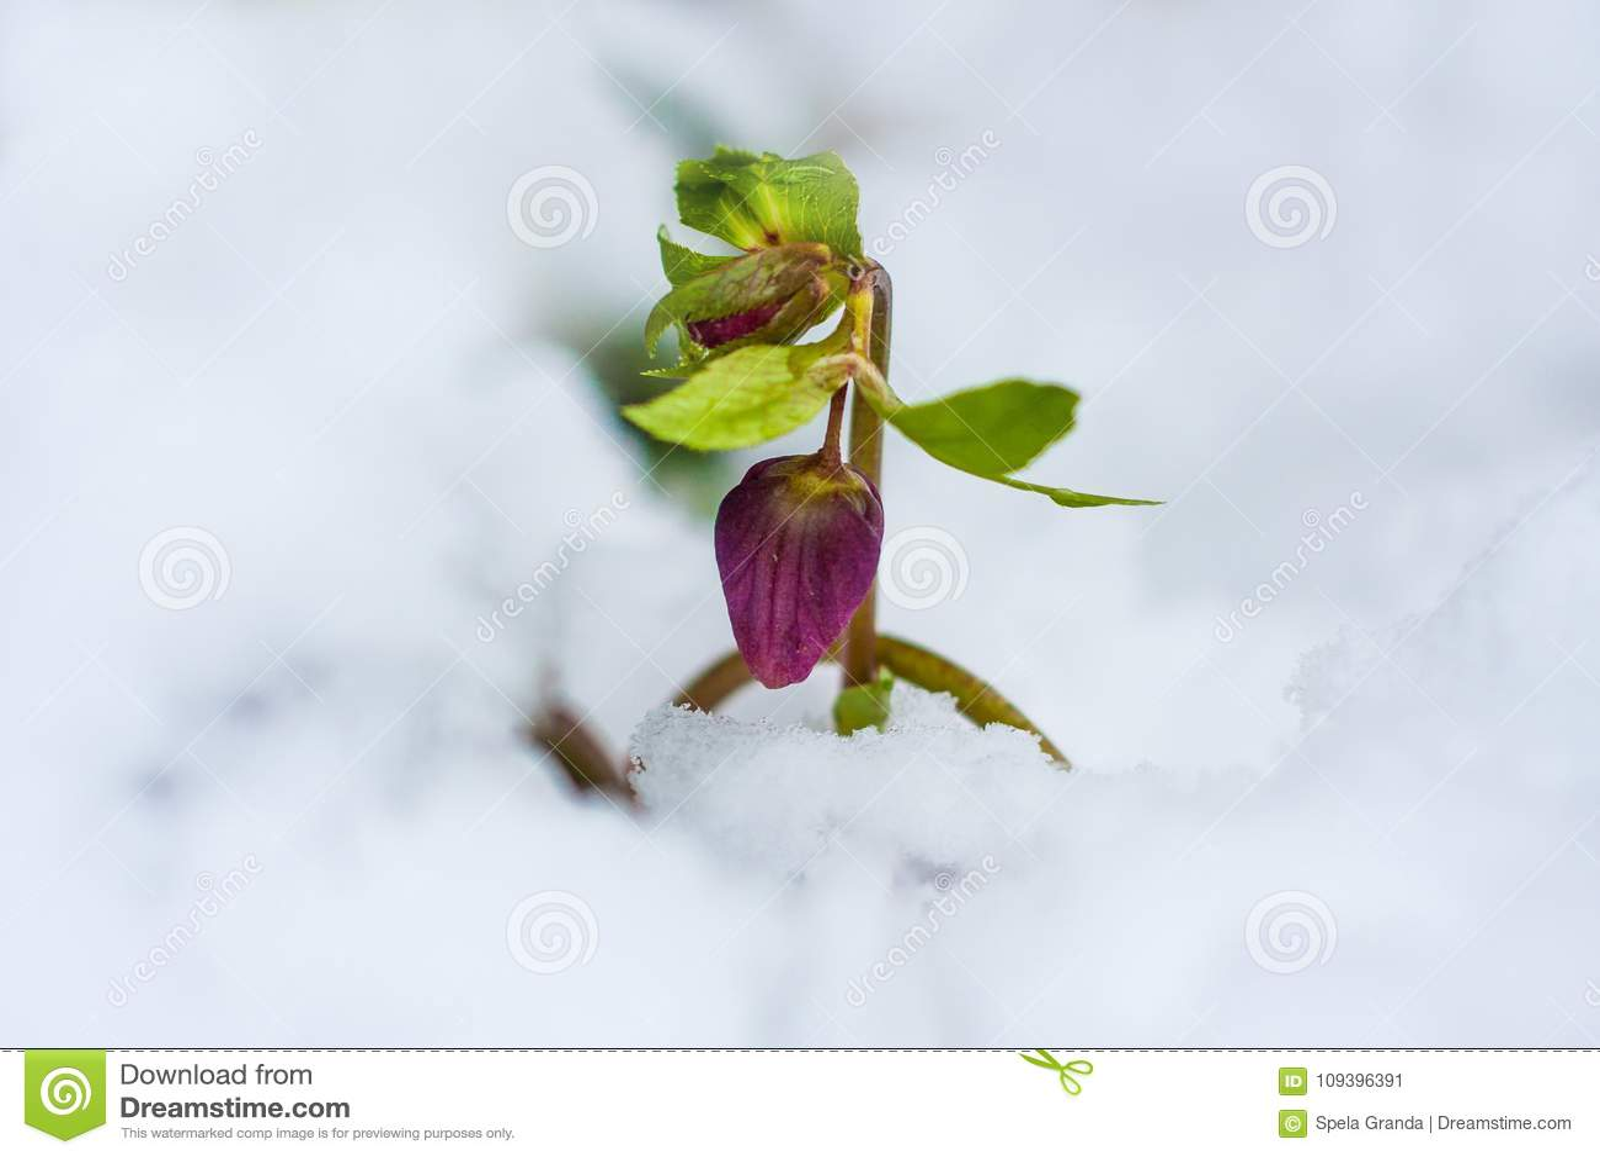 Hellebore Flowers Blooming In Winter Stock Image Image Of